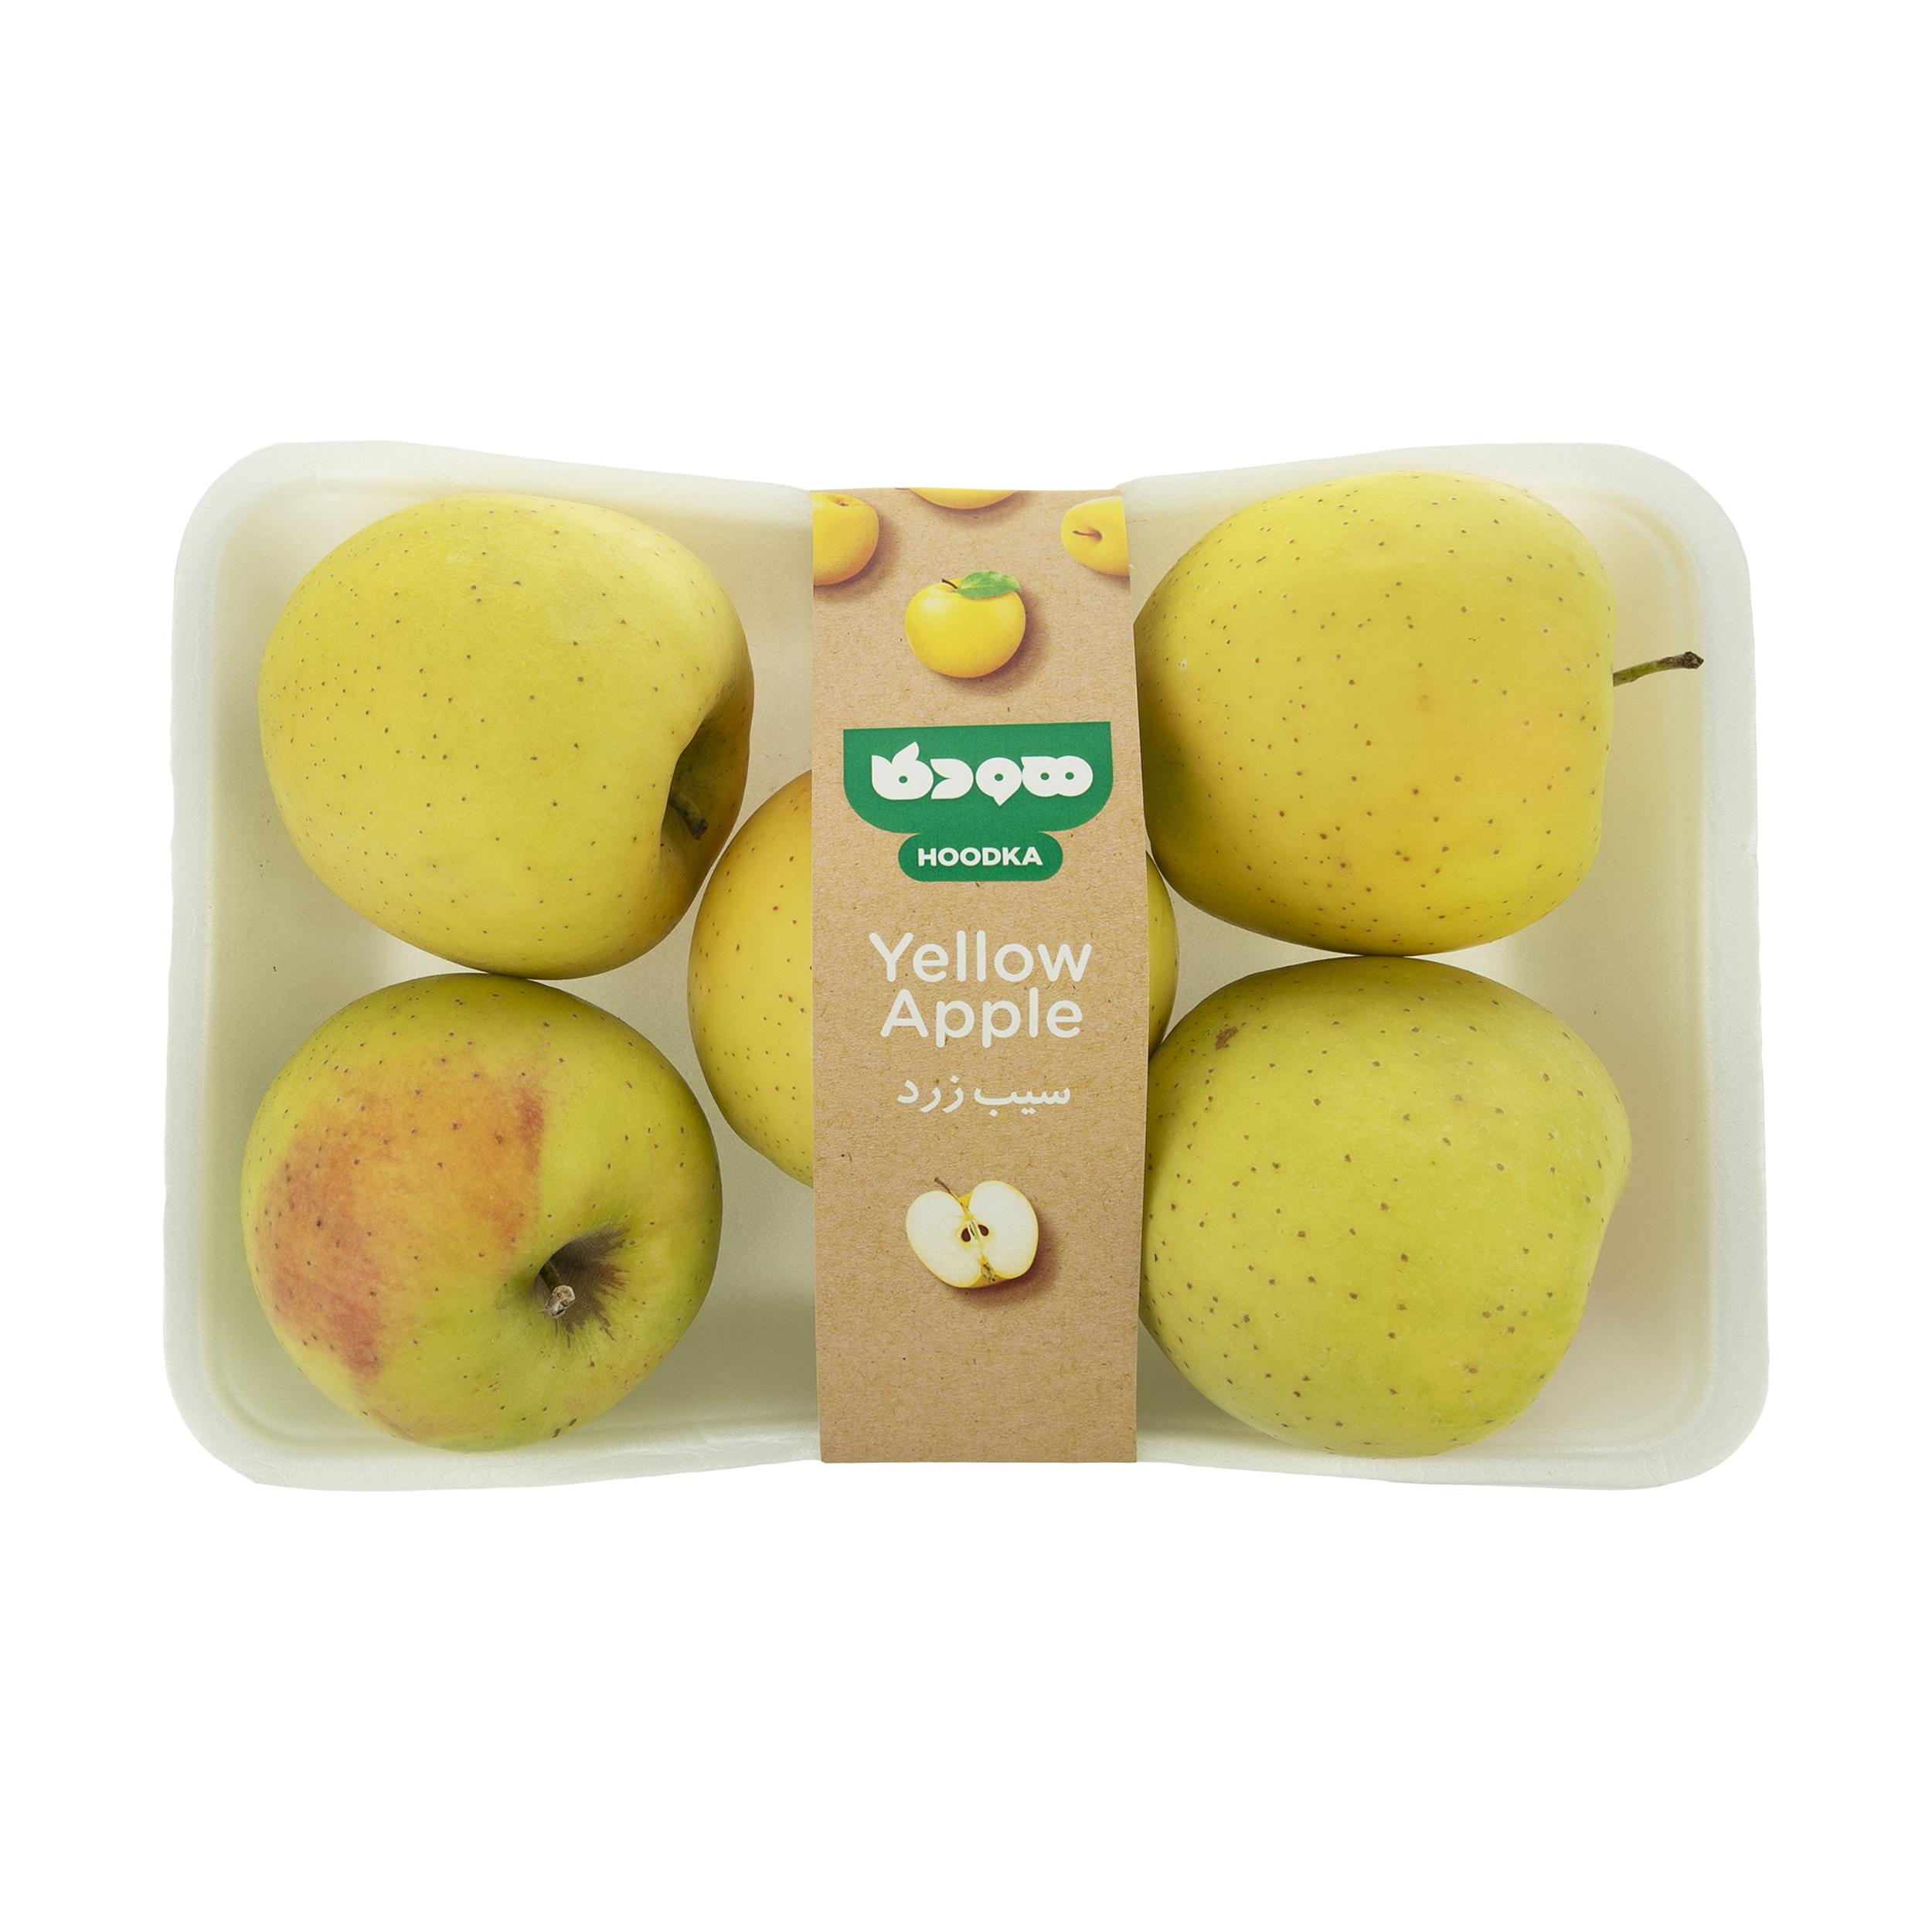 سیب زرد درجه یک هودکا - 1 کیلوگرم